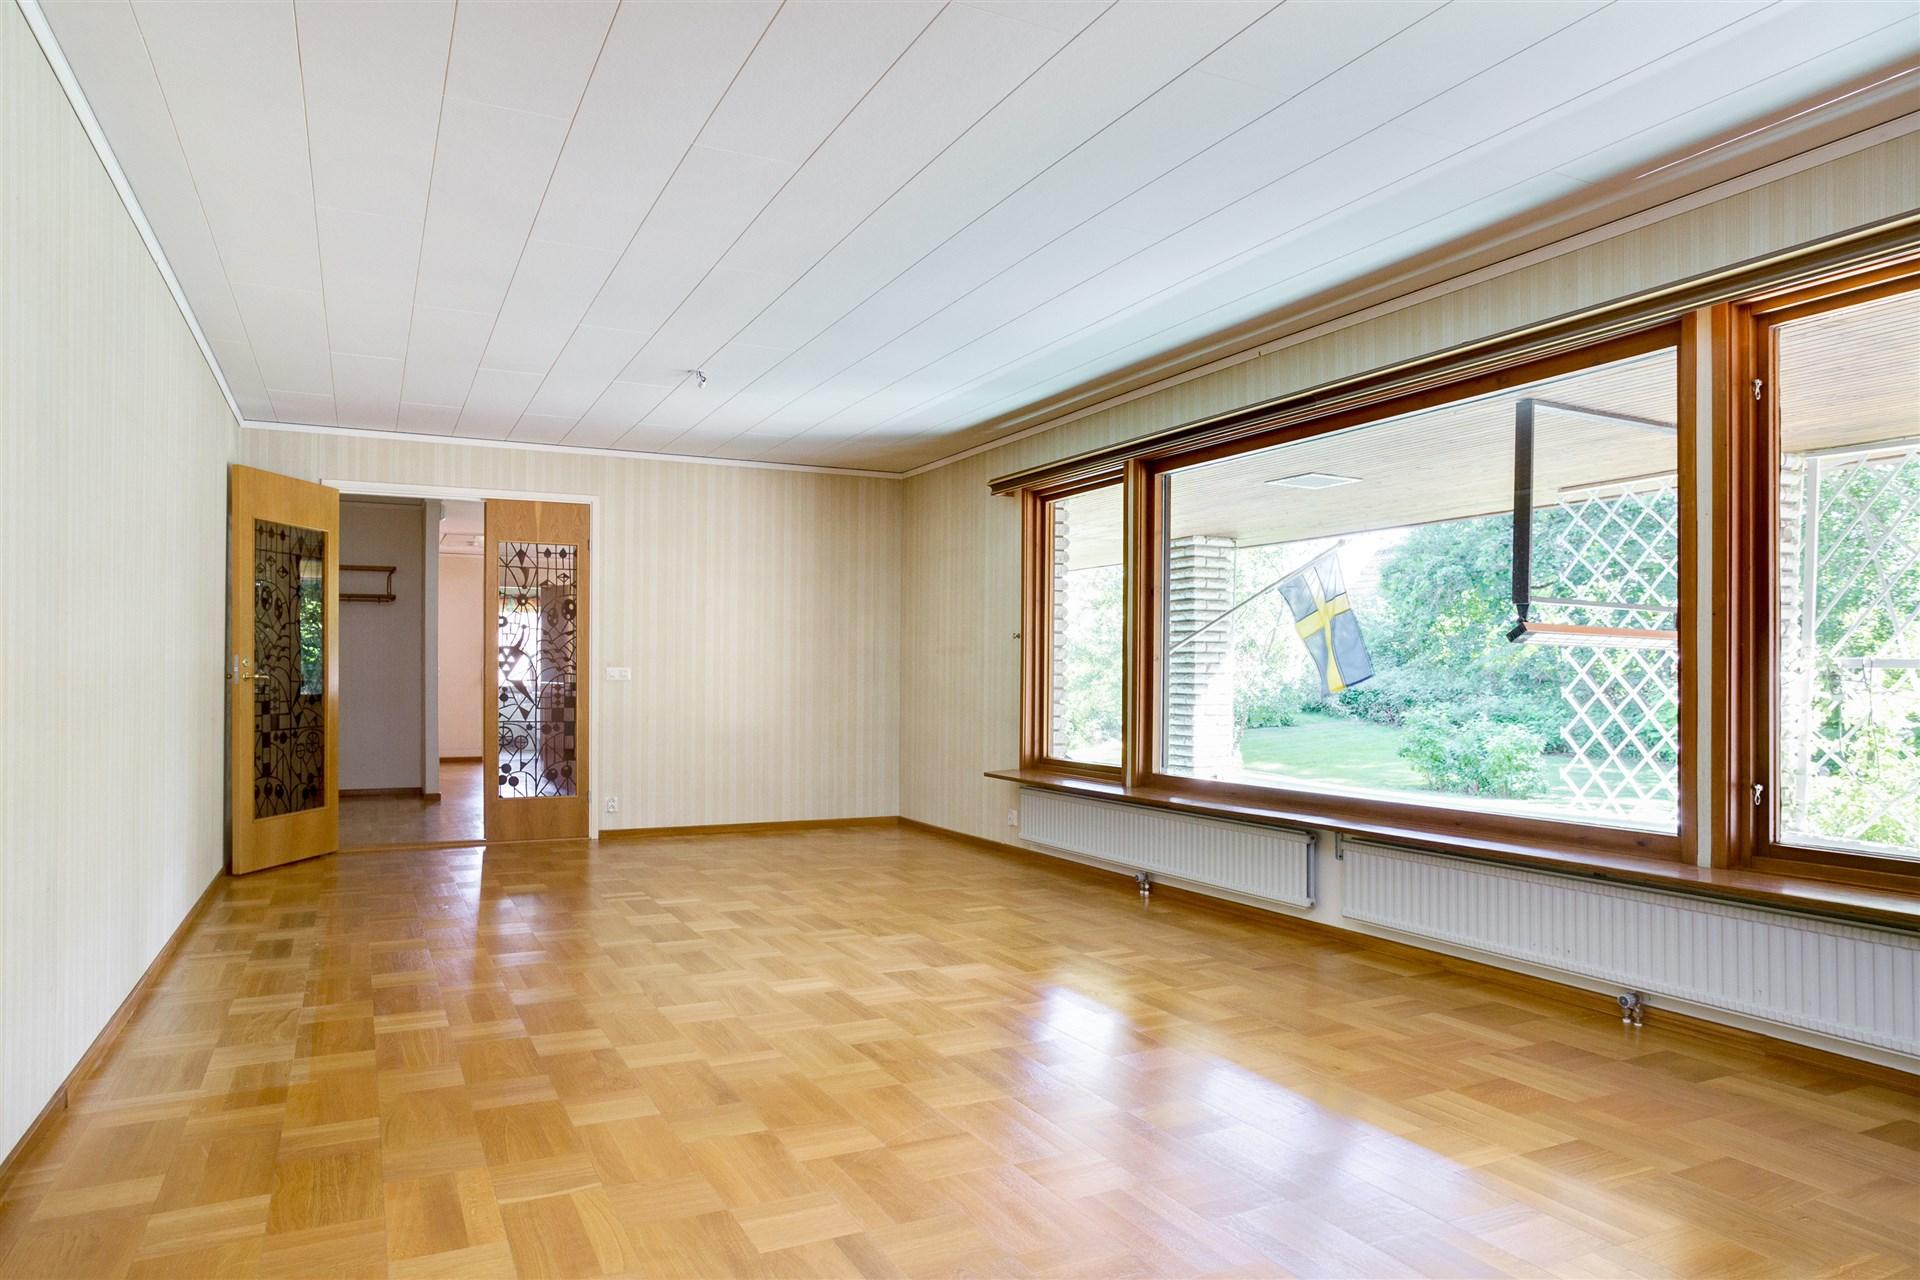 Vardagsrummet har fina dubbeldörrar med glas mot hallen.